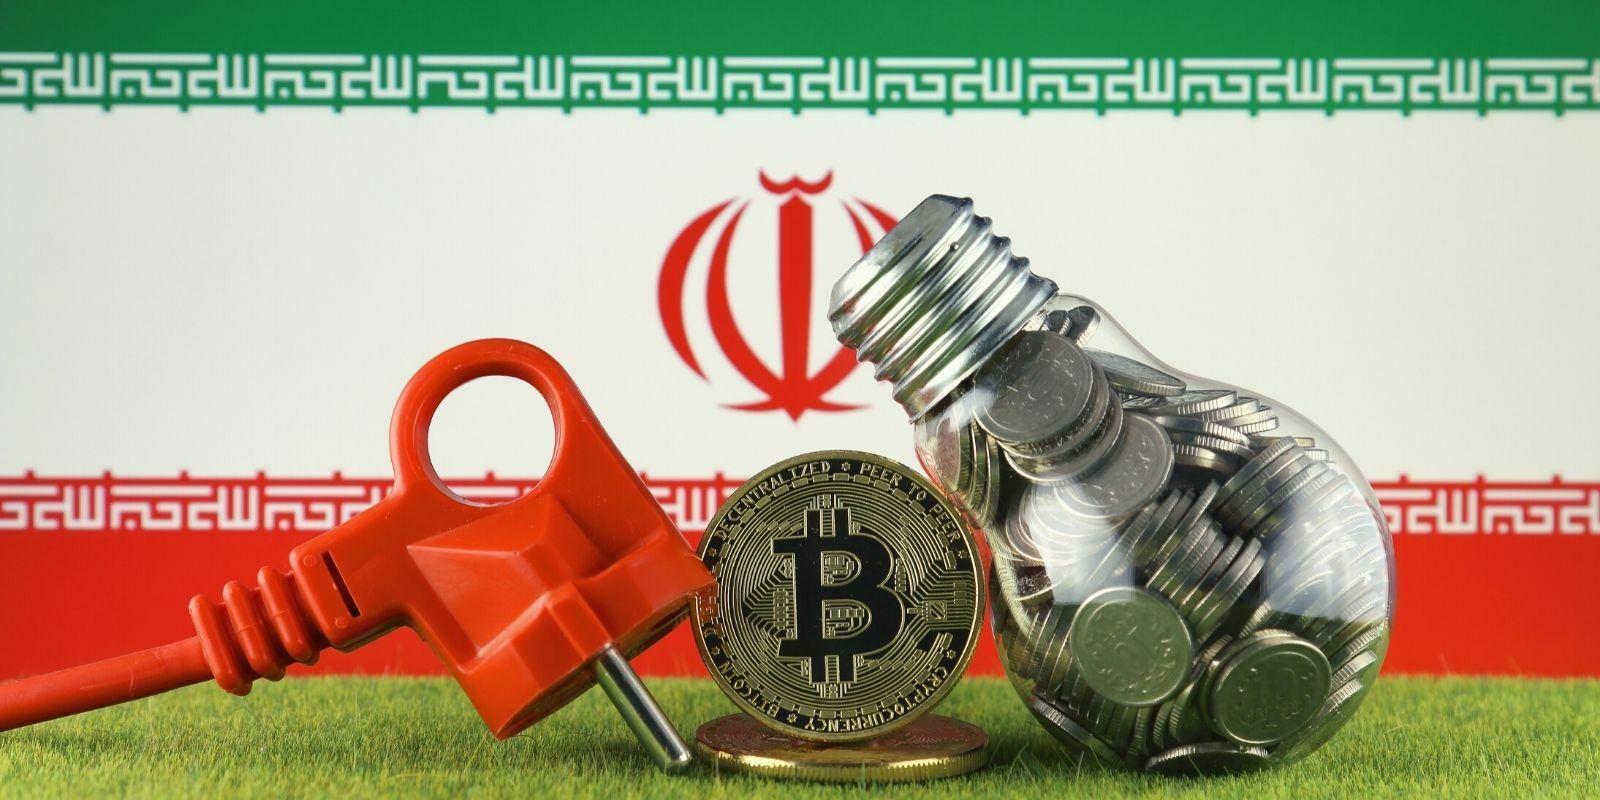 L'Iran interdit temporairement le mining de cryptomonnaies pour « éviter les pannes générales d'électricité »